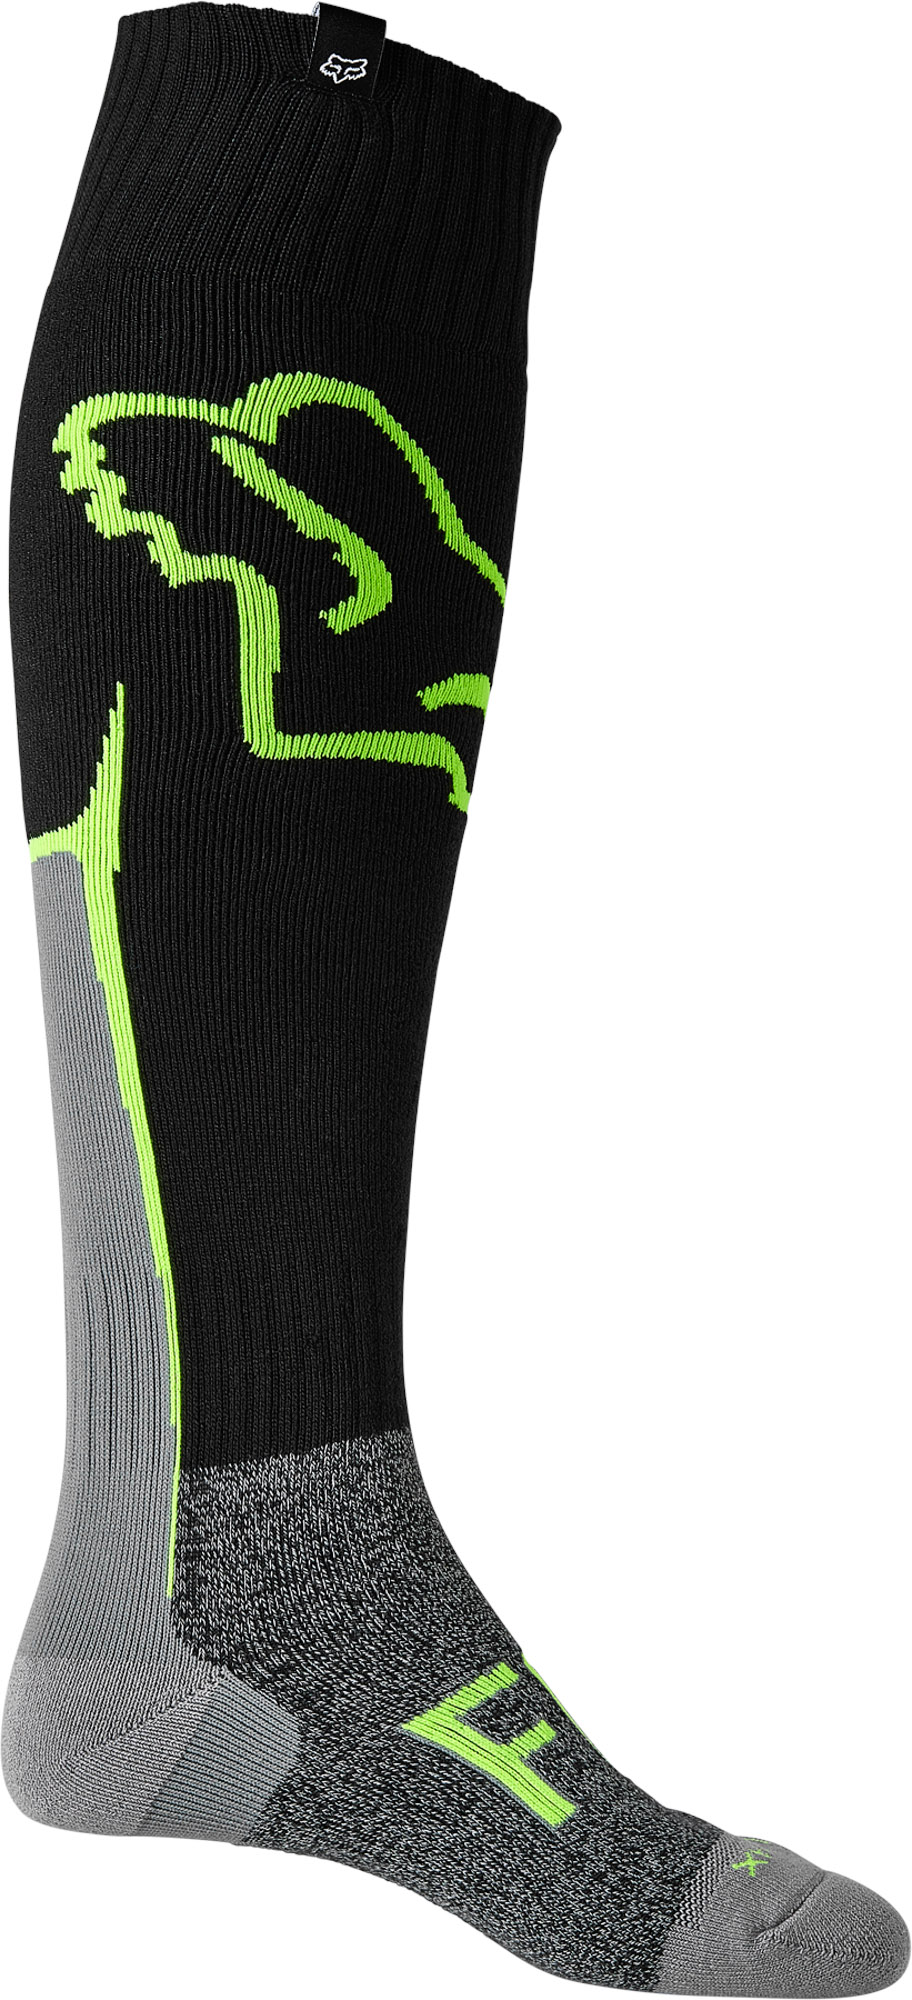 FOX Cntro Coolmax Thin Sock - Black MX22